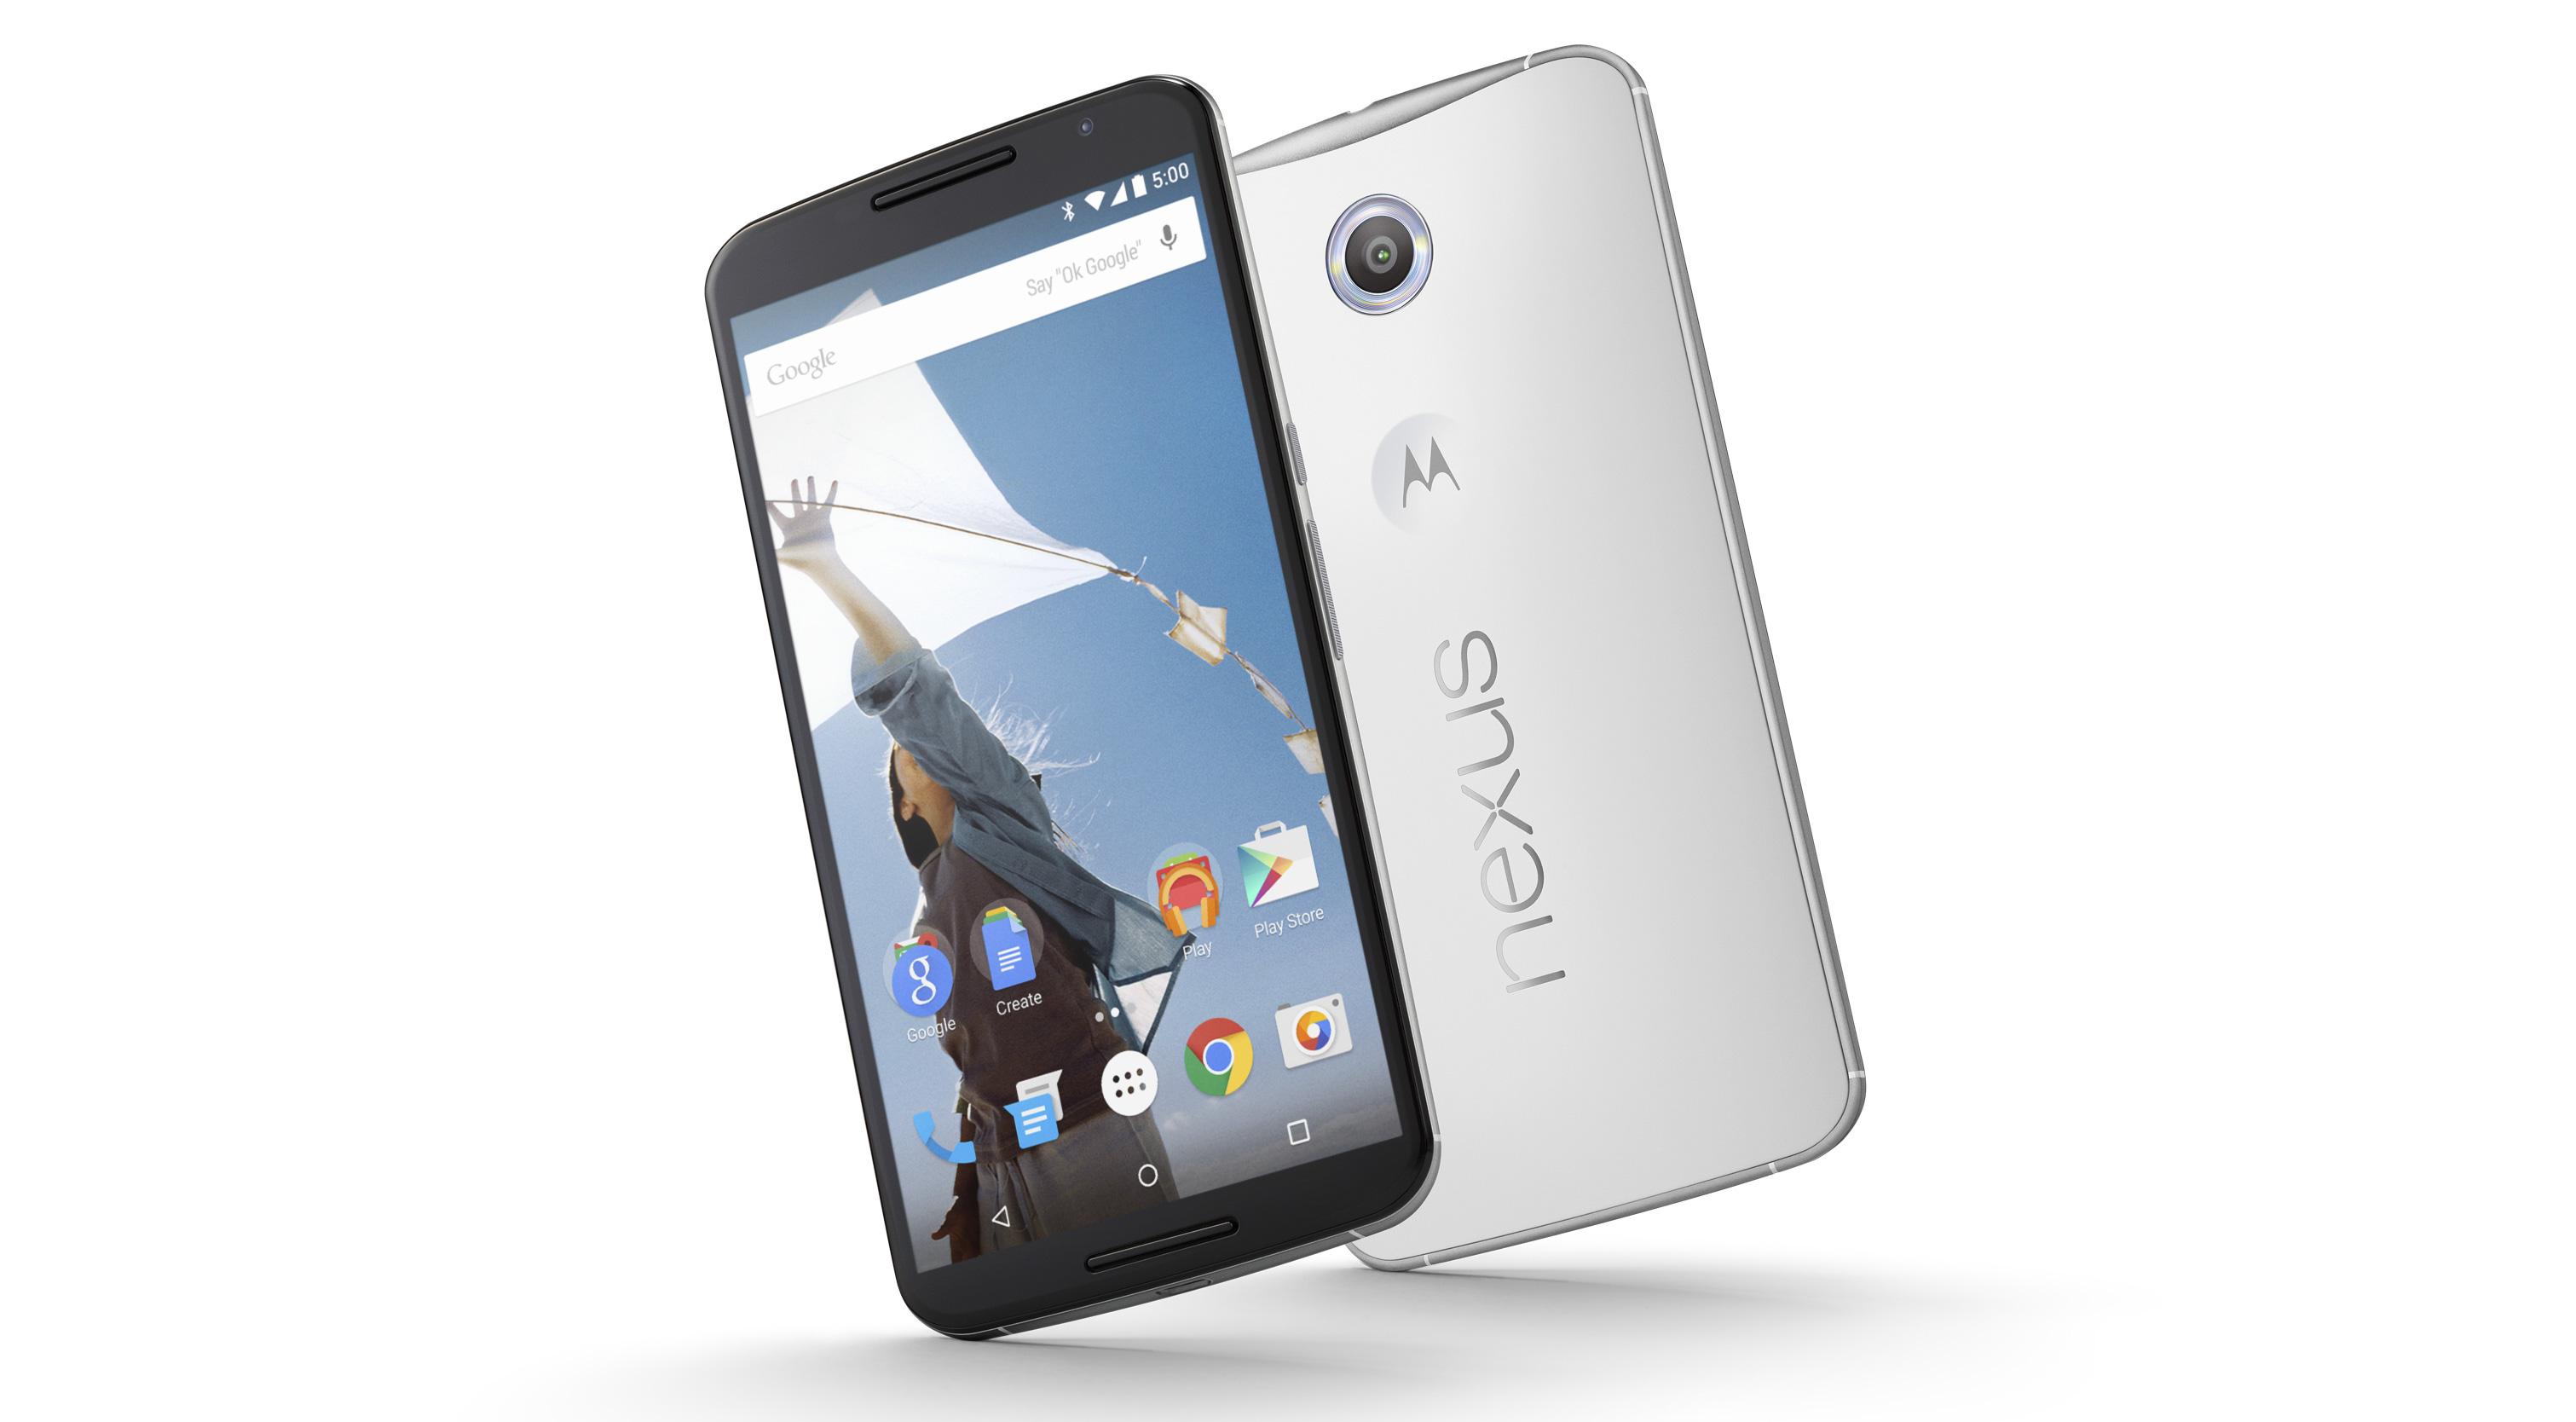 Bon plan : le Nexus 6 est à 399 euros, avec 200 euros offerts en bon d'achat